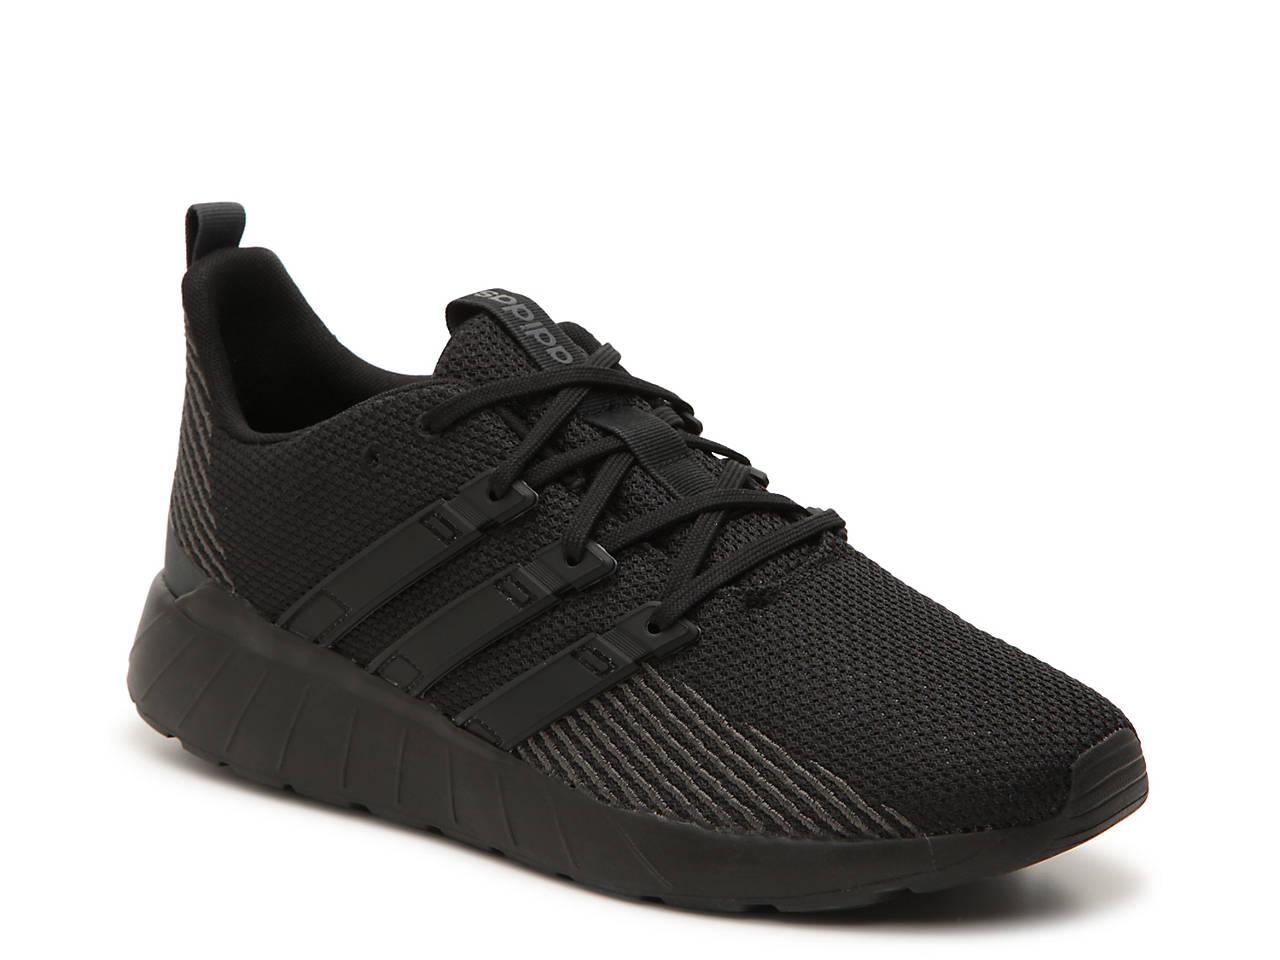 1d7d2c9c54a adidas Questar Flow Lightweight Running Shoe - Men s Men s Shoes